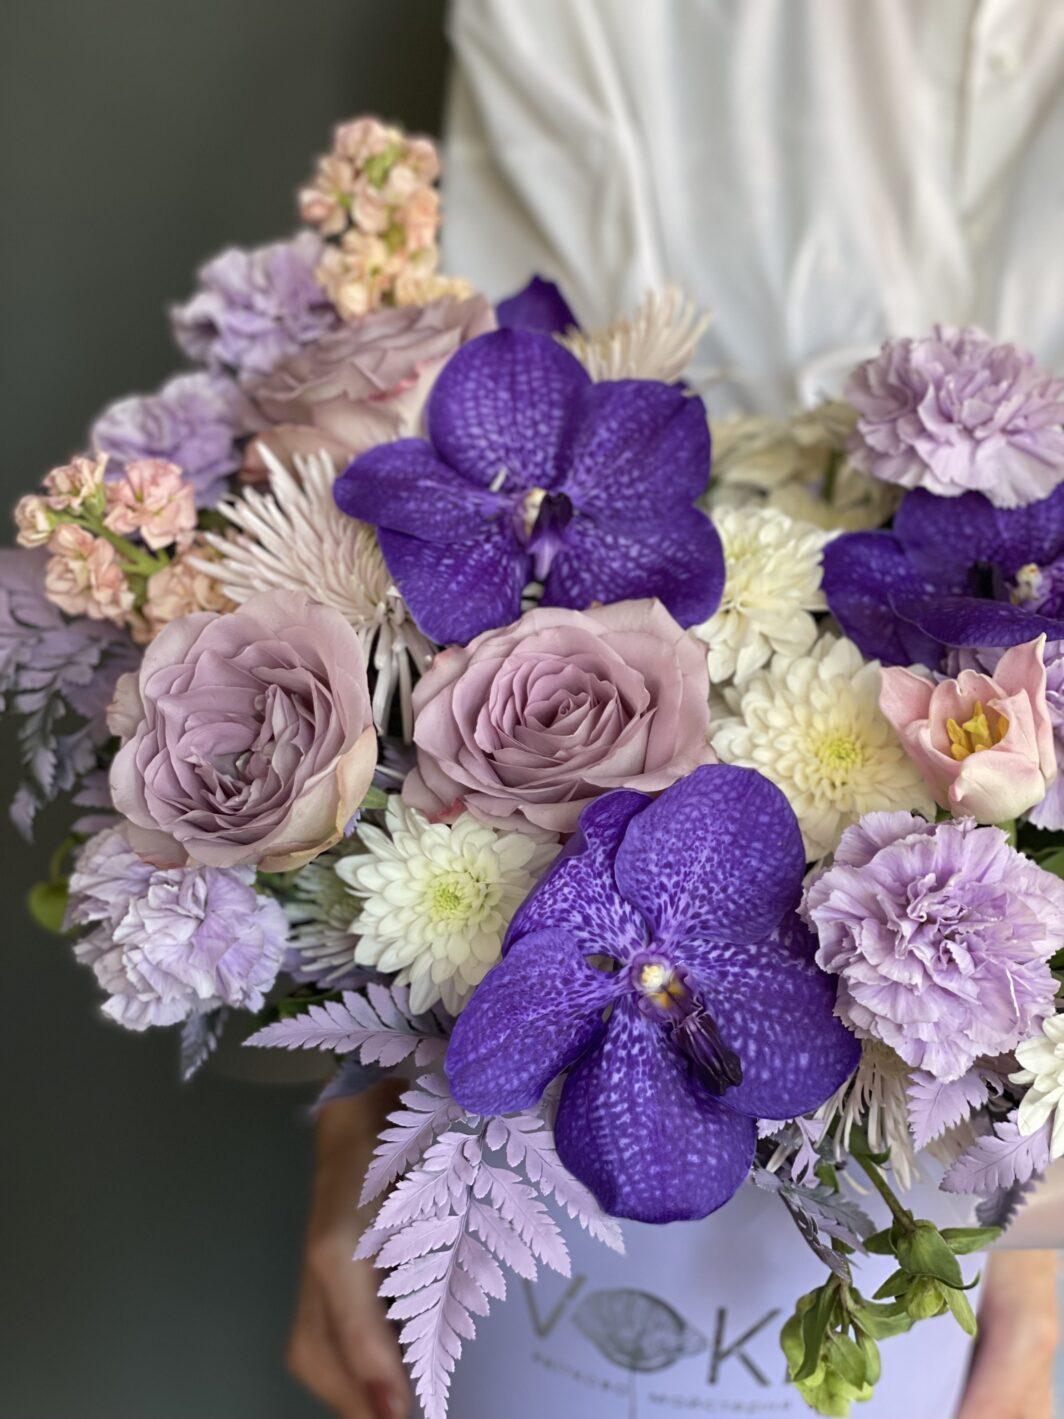 Композиция цветов в коробке № 1063